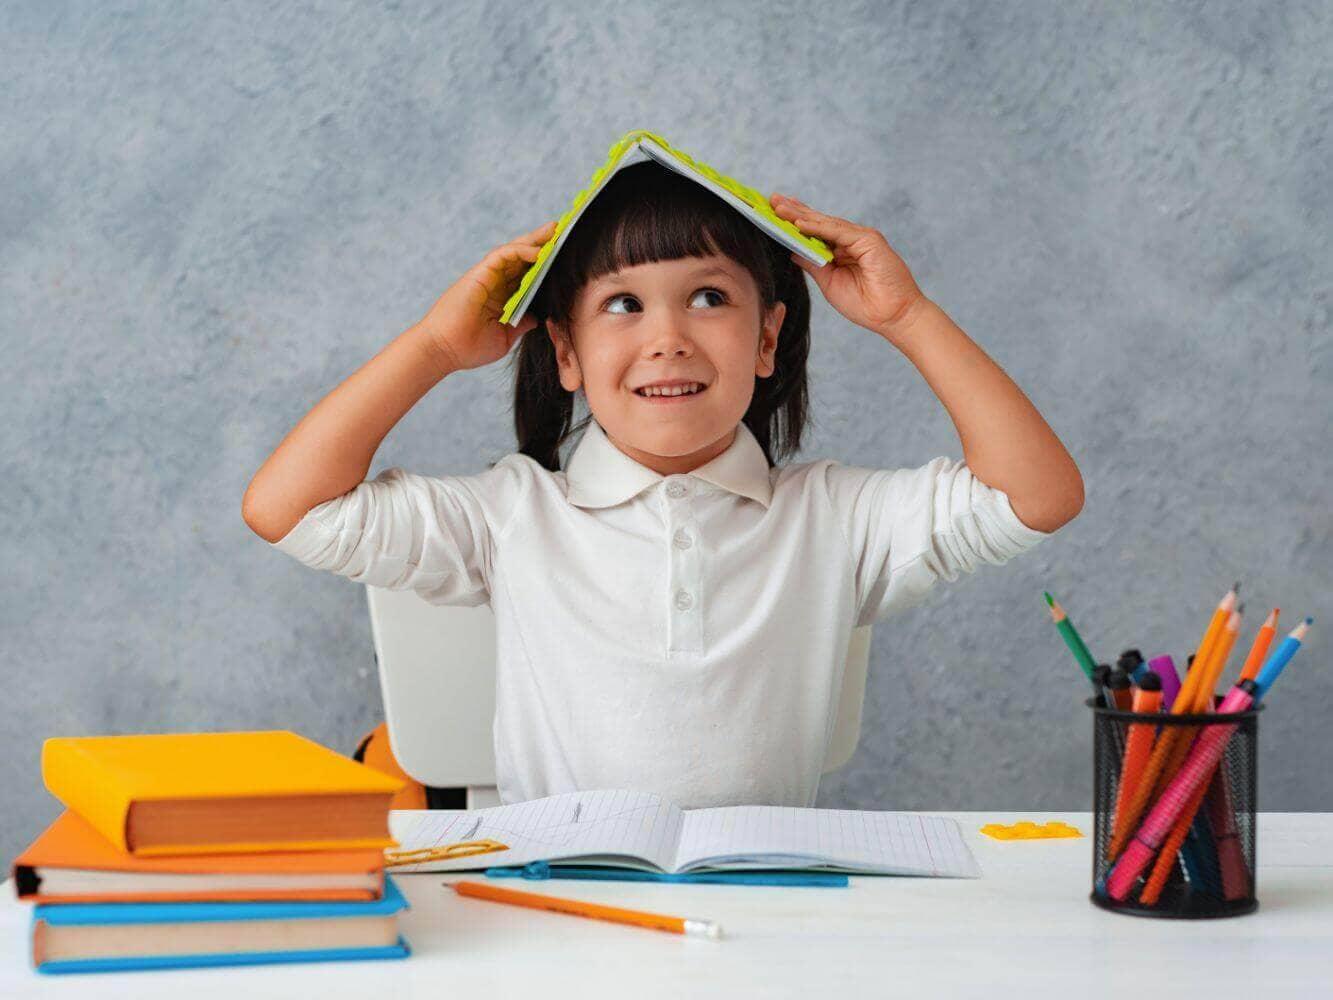 Άνοιγμα σχολείων: Τελικά μεταδίδεται ο κορονοϊός στα σχολεία;